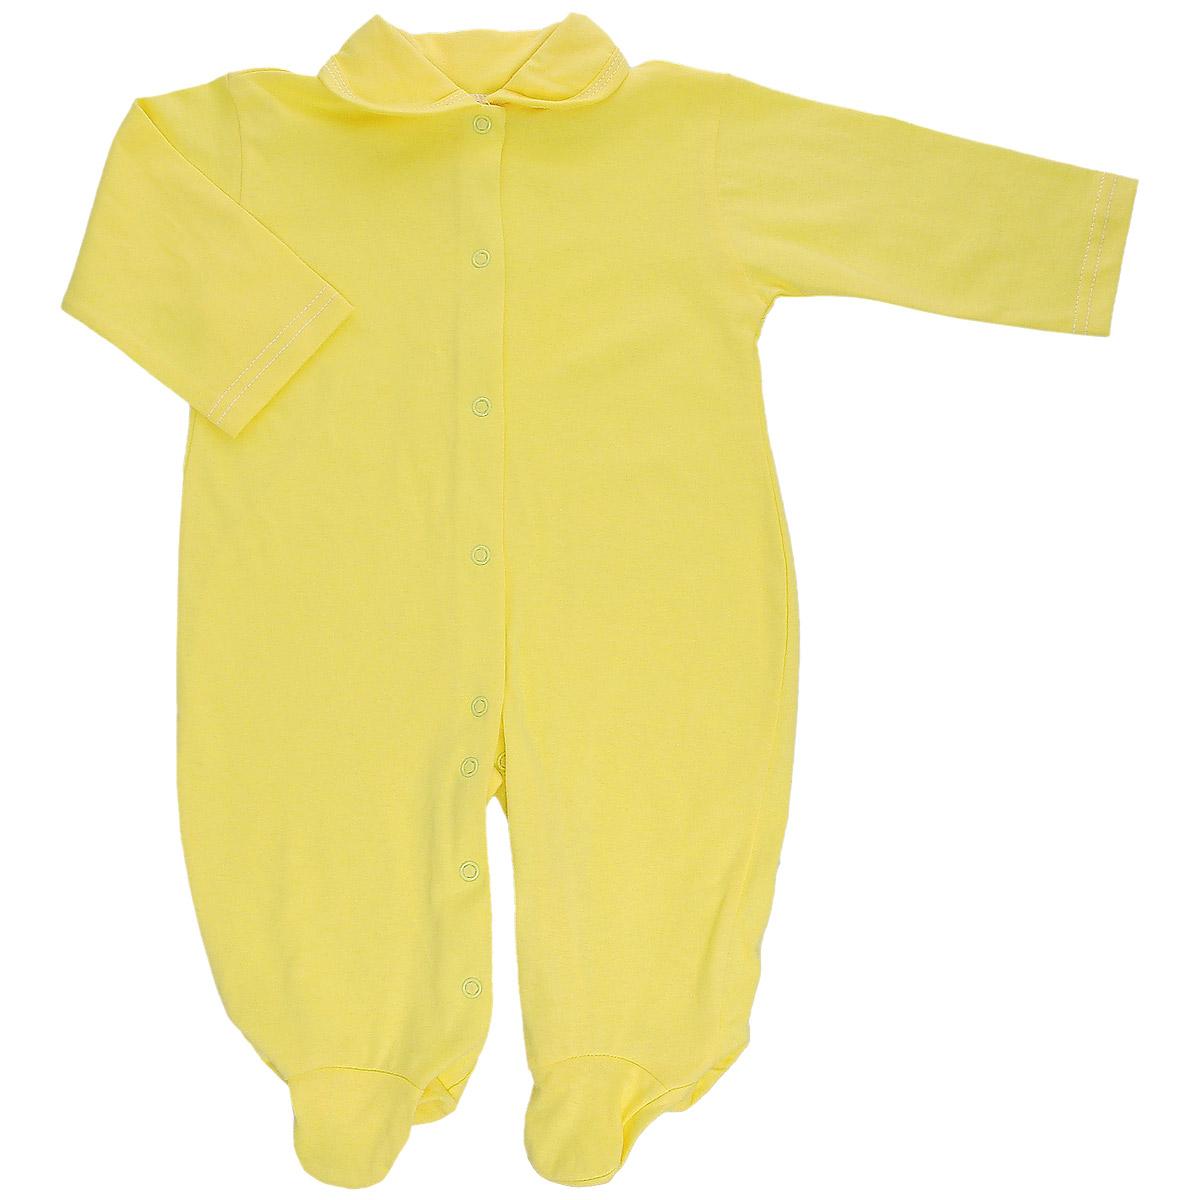 Комбинезон детский Трон-Плюс, цвет: желтый. 5805. Размер 80, 12 месяцев5805Детский комбинезон Трон-Плюс - очень удобный и практичный вид одежды для малышей. Комбинезон выполнен из кулирного полотна - натурального хлопка, благодаря чему он необычайно мягкий и приятный на ощупь, не раздражает нежную кожу ребенка, и хорошо вентилируются, а эластичные швы приятны телу малыша и не препятствуют его движениям. Комбинезон с длинными рукавами, закрытыми ножками и отложным воротничком имеет застежки-кнопки от горловины до щиколоток, которые помогают легко переодеть младенца или сменить подгузник. С детским комбинезоном спинка и ножки вашего малыша всегда будут в тепле, он идеален для использования днем и незаменим ночью. Комбинезон полностью соответствует особенностям жизни младенца в ранний период, не стесняя и не ограничивая его в движениях!